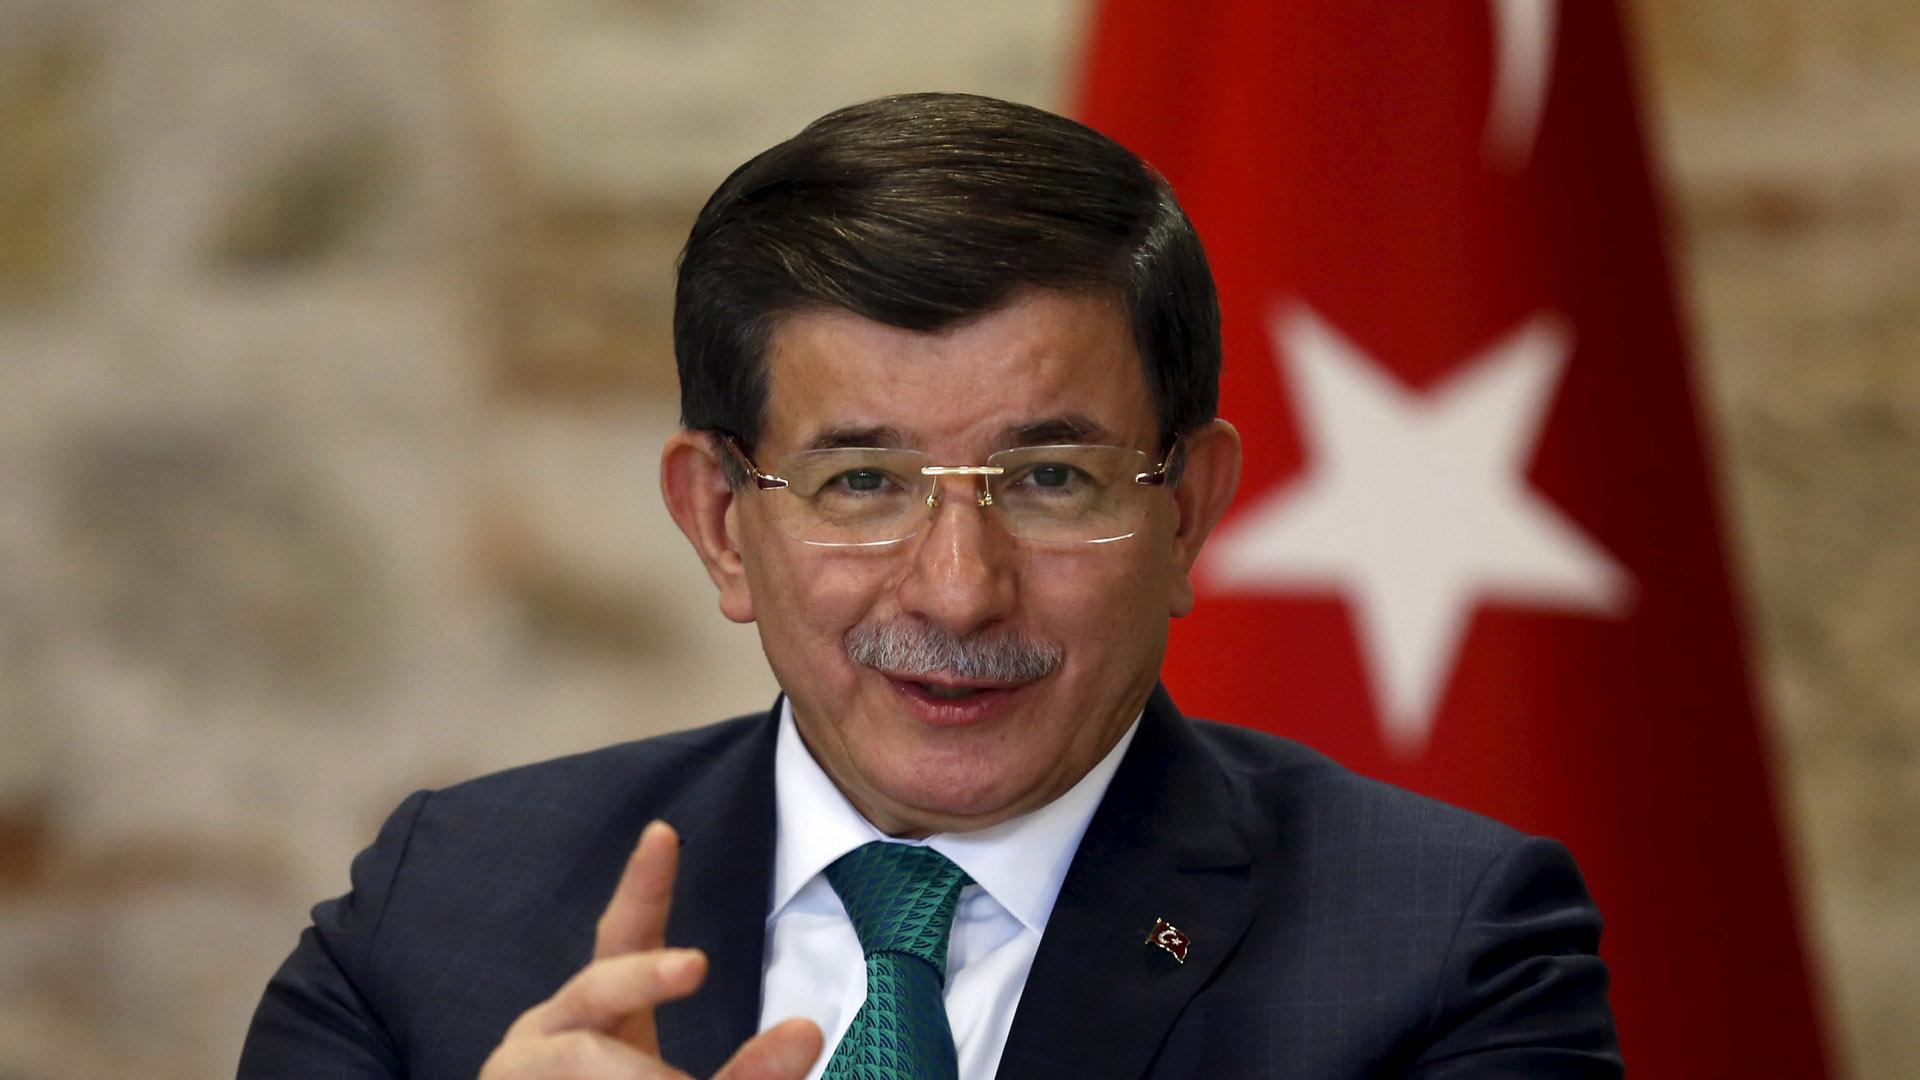 El primer ministro turco, Ahmet Davutoglu, espera que se recupere la cooperación tradicional entre ambos países